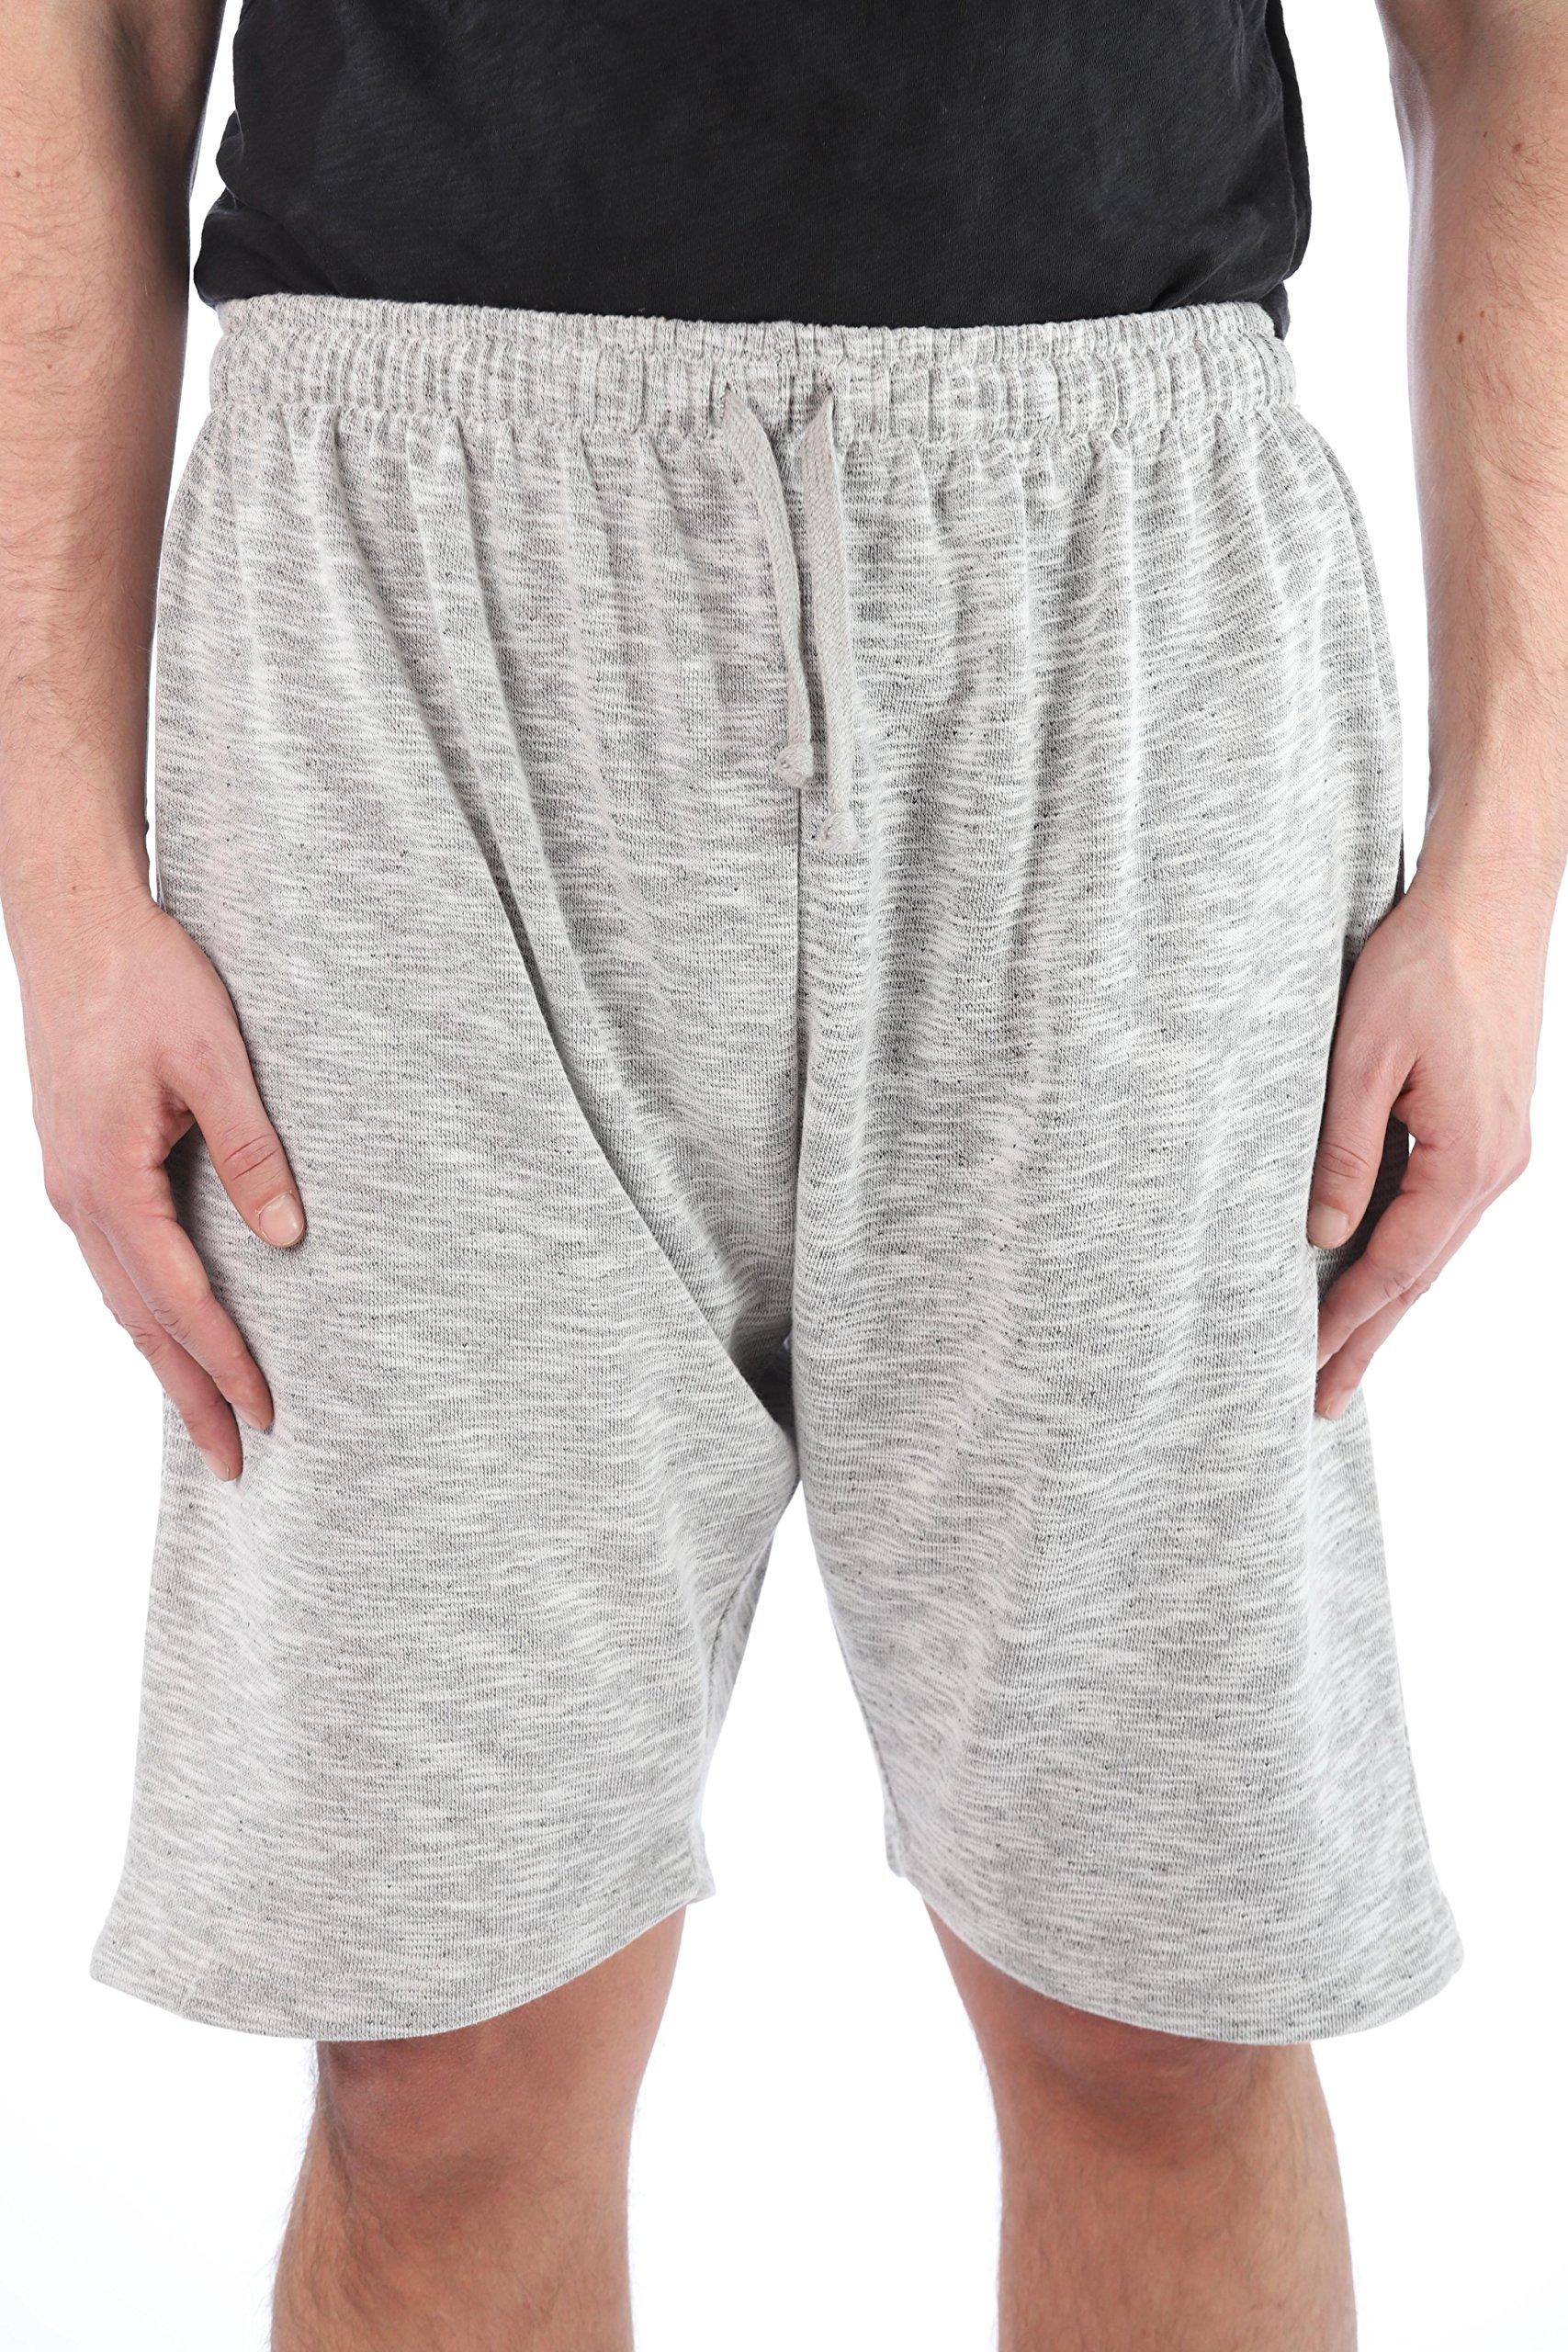 At The Buzzer Men's Sweat Shorts Sleepwear PJs 14502-OAT-M